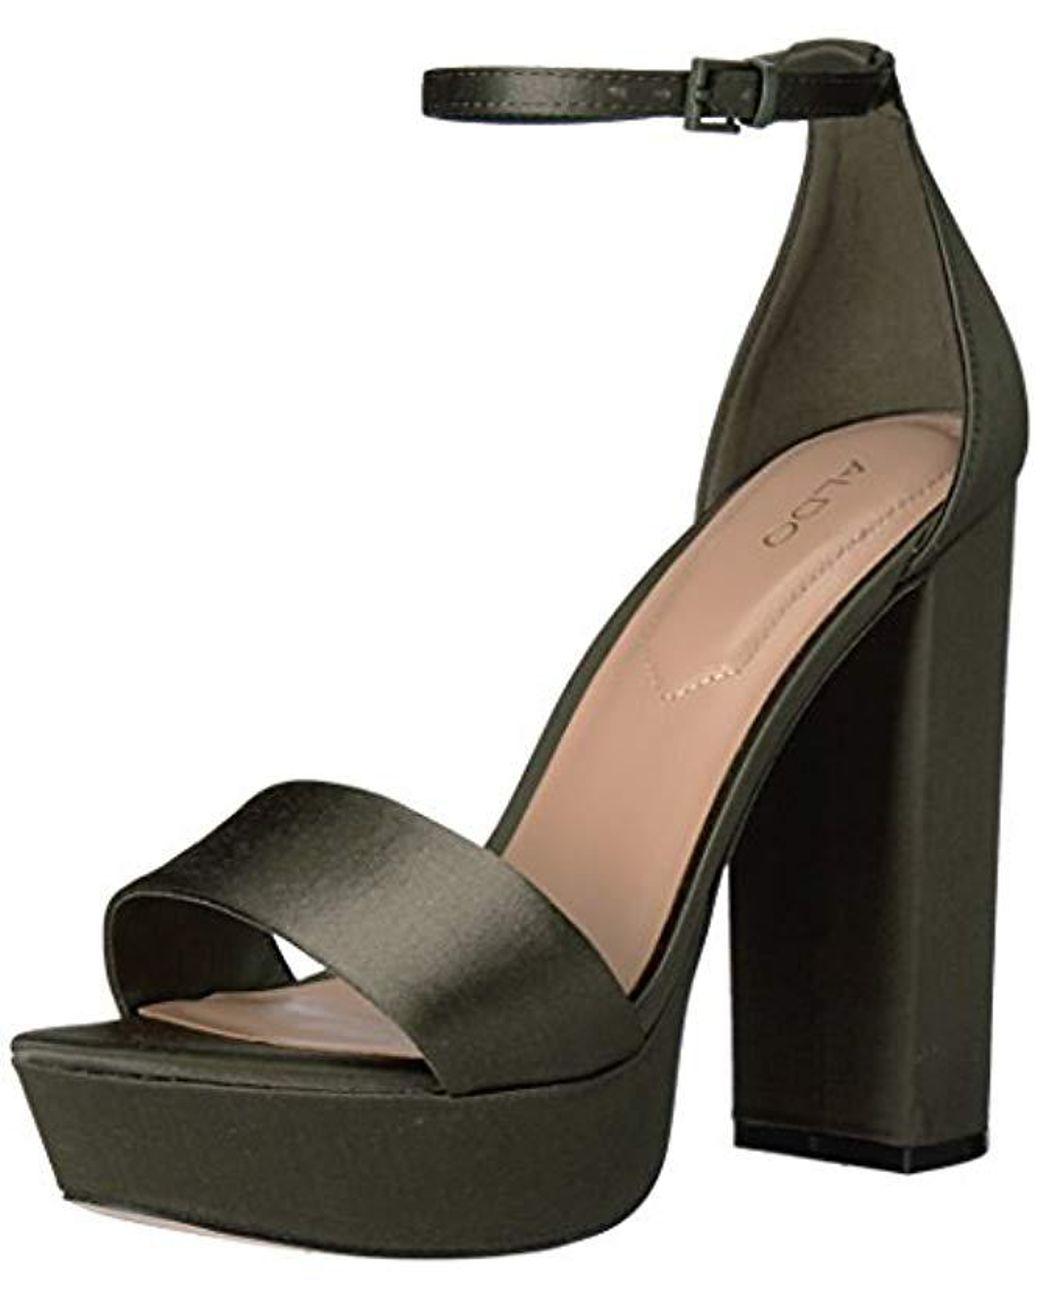 524540e9b2e Lyst - ALDO Nesida Platform Dress Sandal - Save 58%